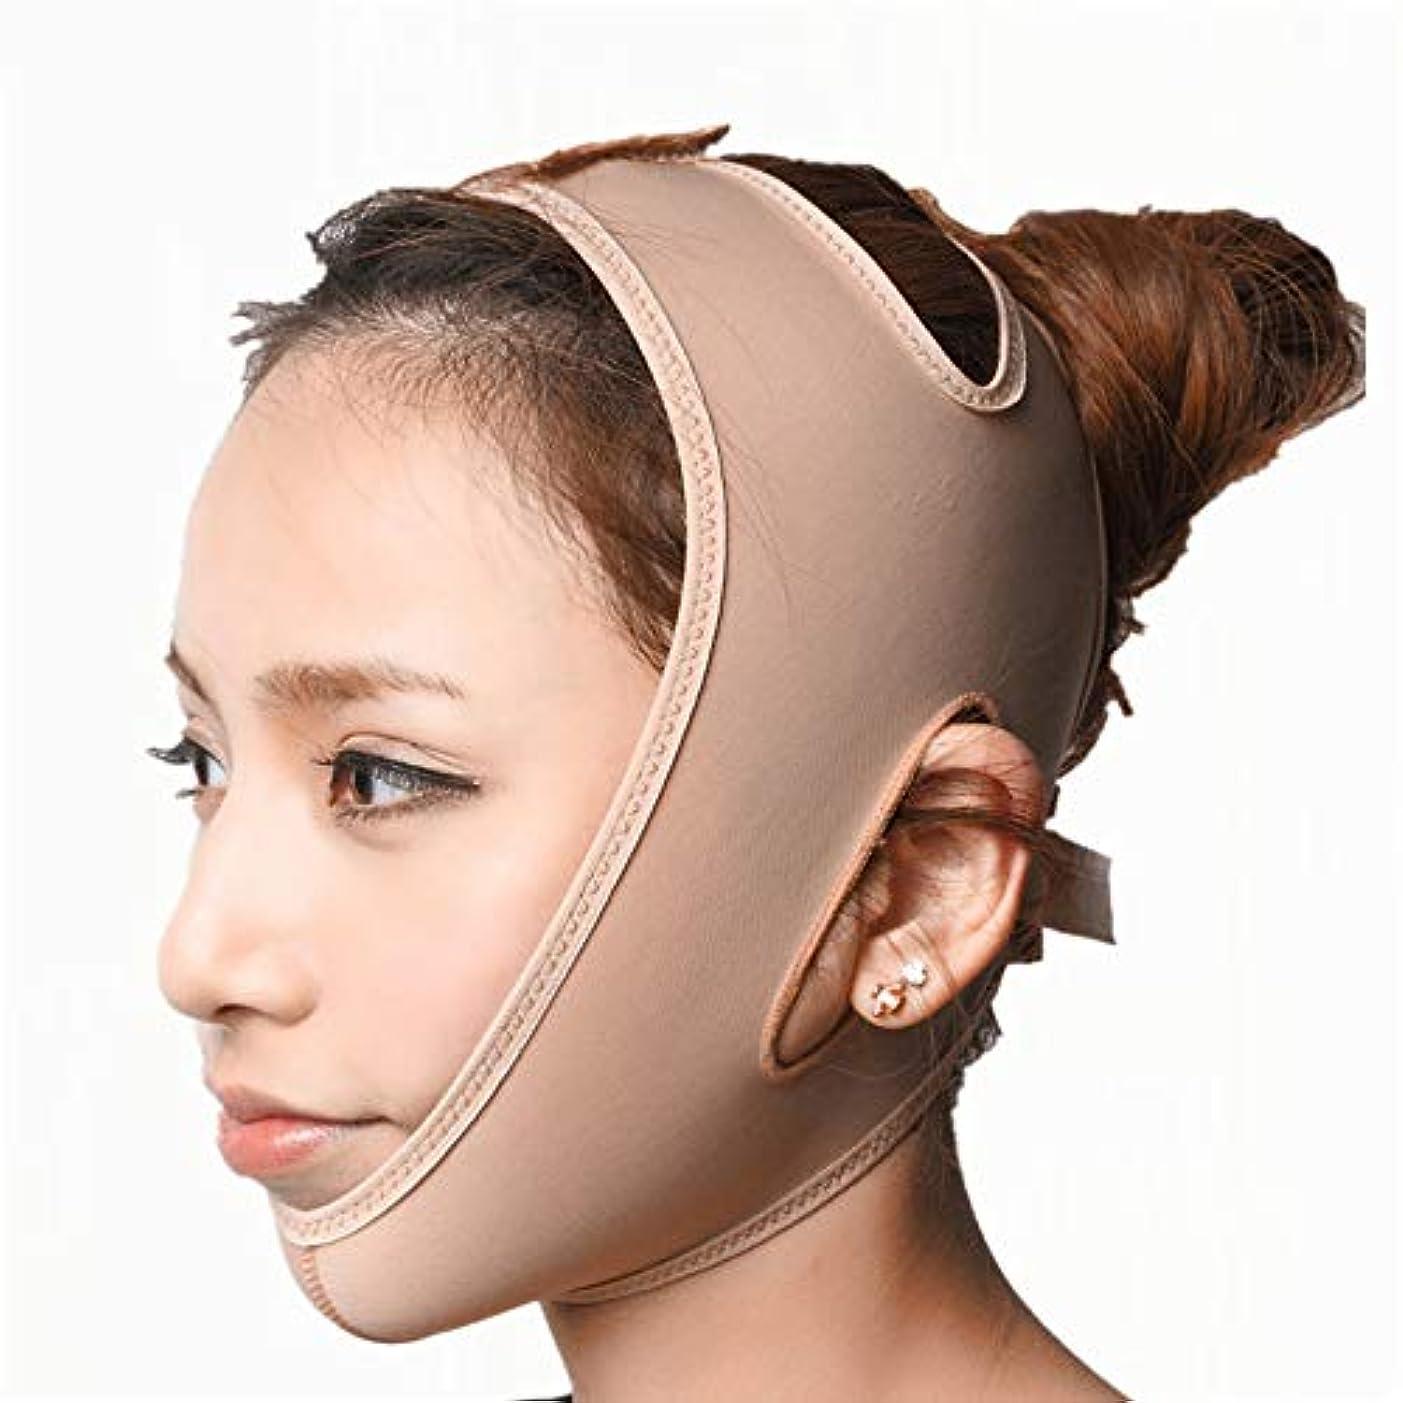 薬剤師中絶みなさんフェイスリフトベルト 薄い顔のベルト - 薄い顔のアーチファクトVの顔の包帯マスクの顔のマッサージャー薄いダブルの顎のデバイス